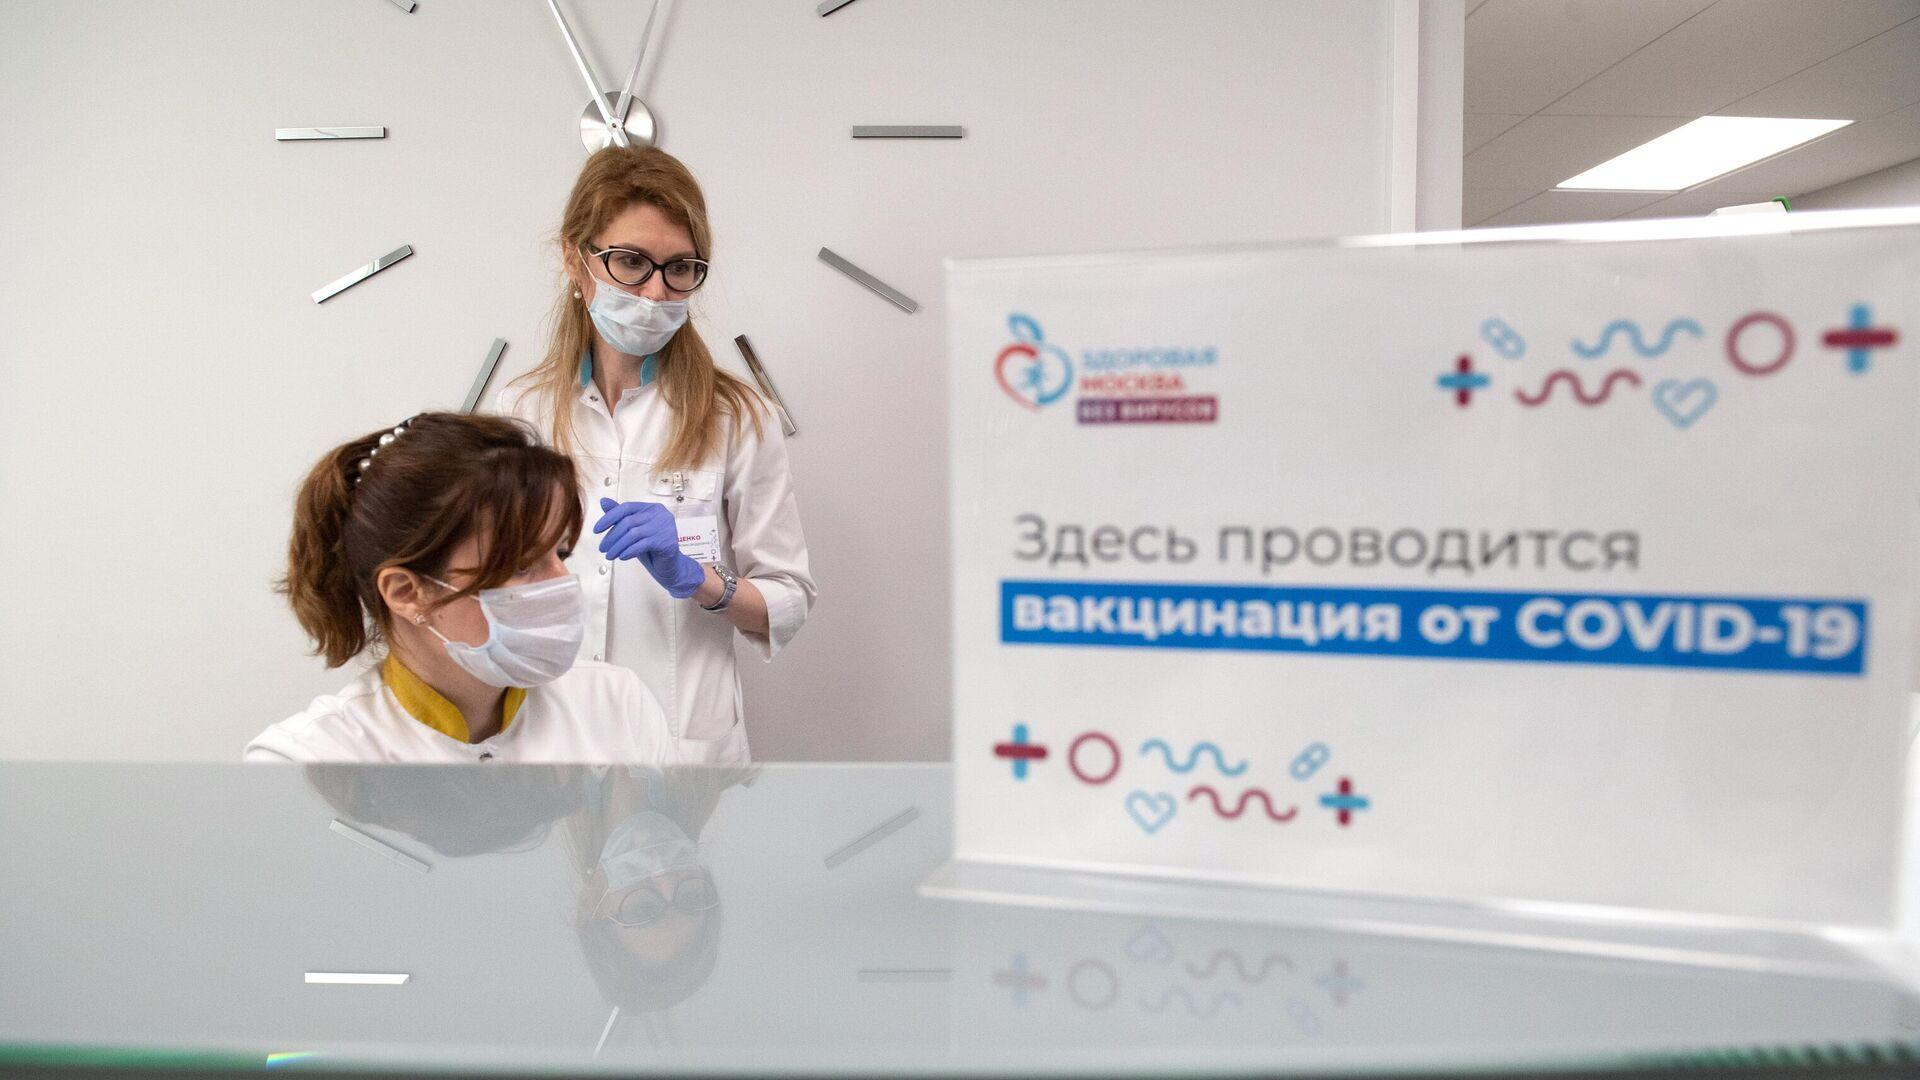 В Москве откроют запись на вакцинацию от COVID-19 для новых групп риска